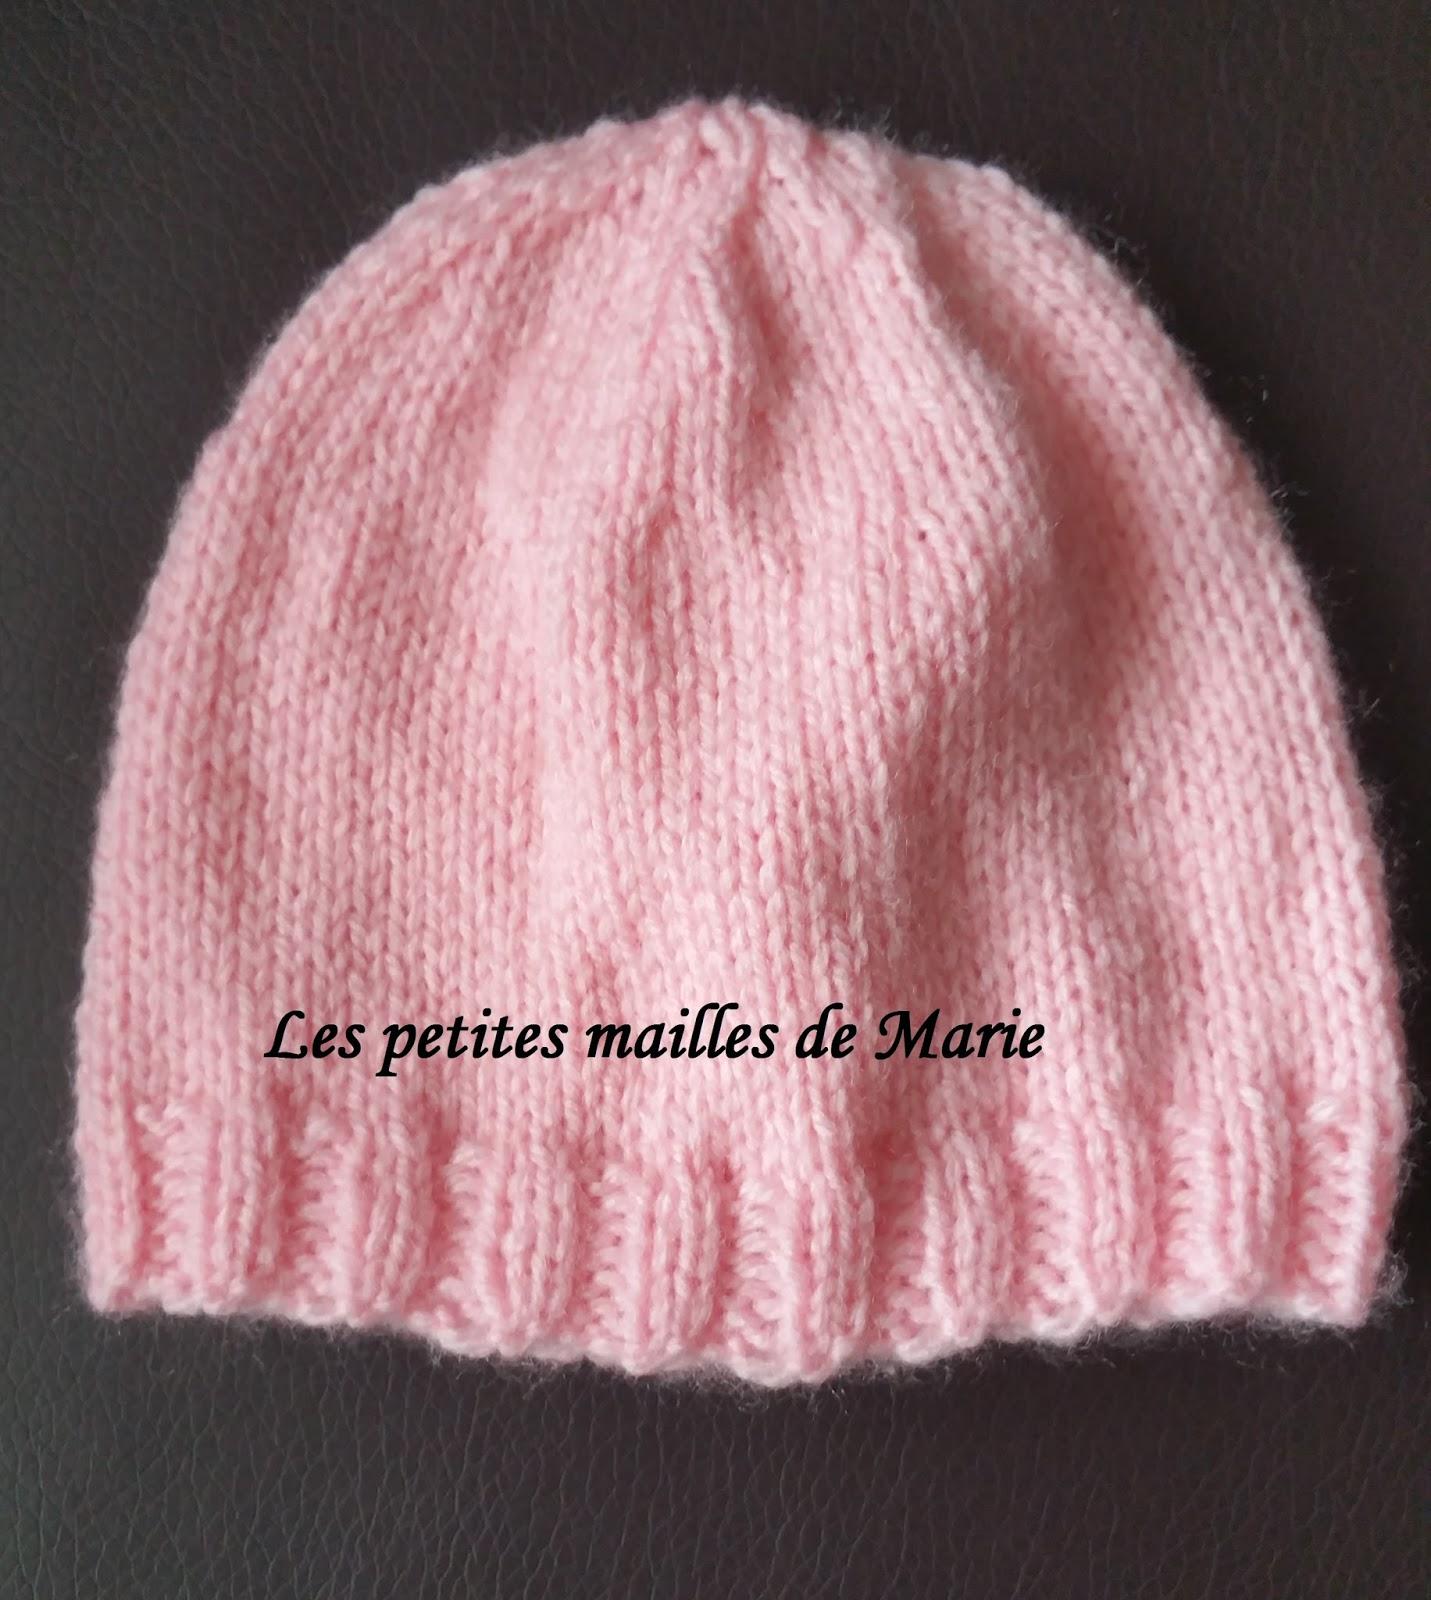 tricoter un bonnet taille naissance